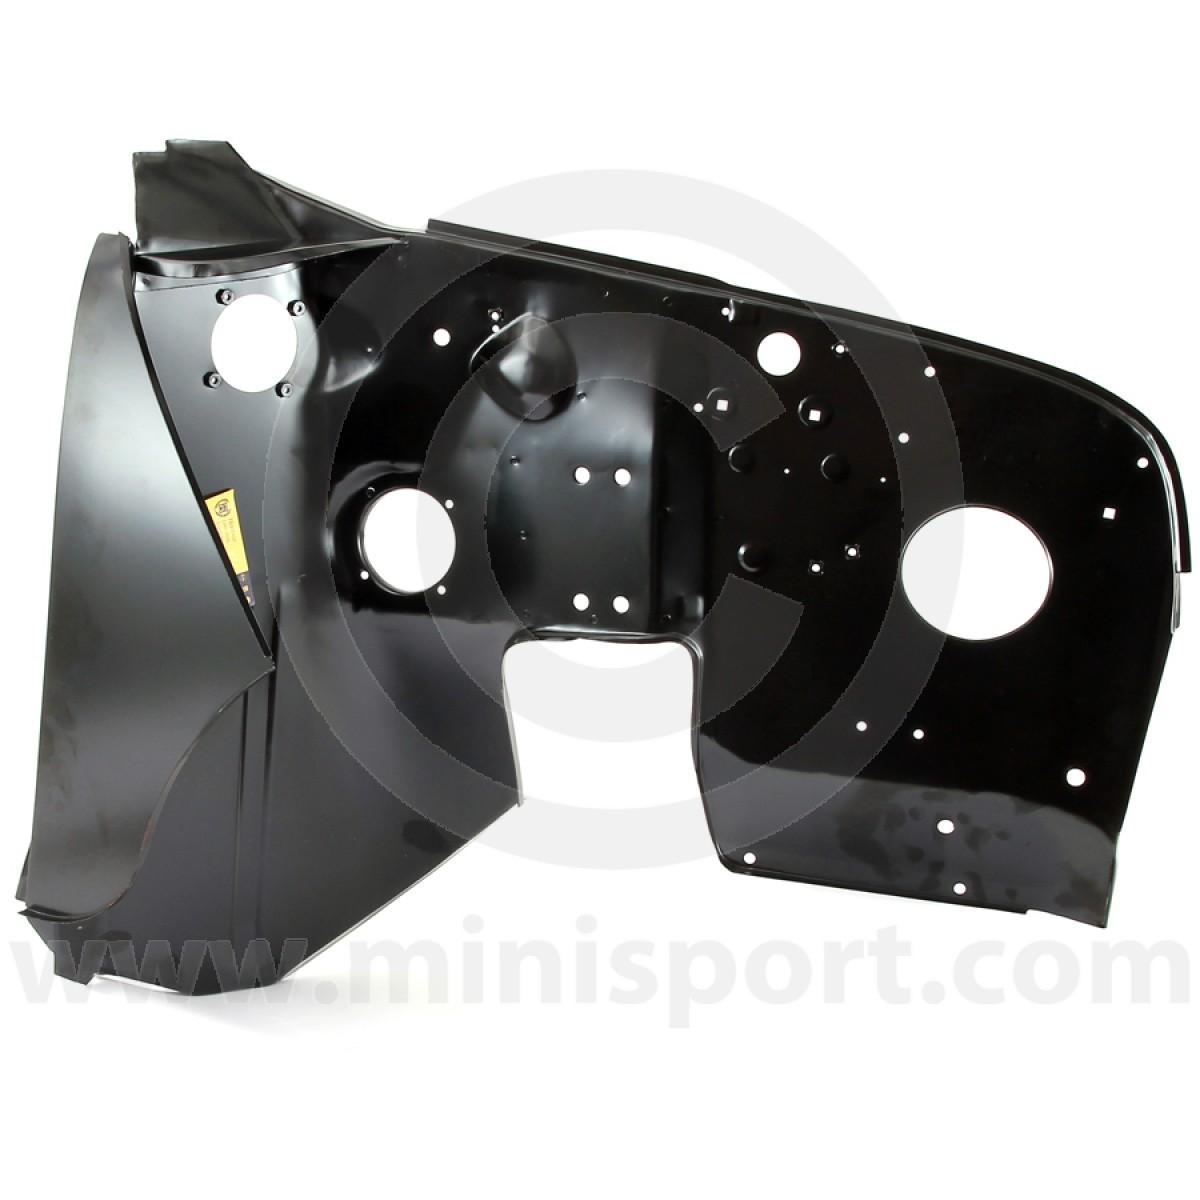 Abd36004 Mini Wing Body Panels Minisportcom Mini Sport